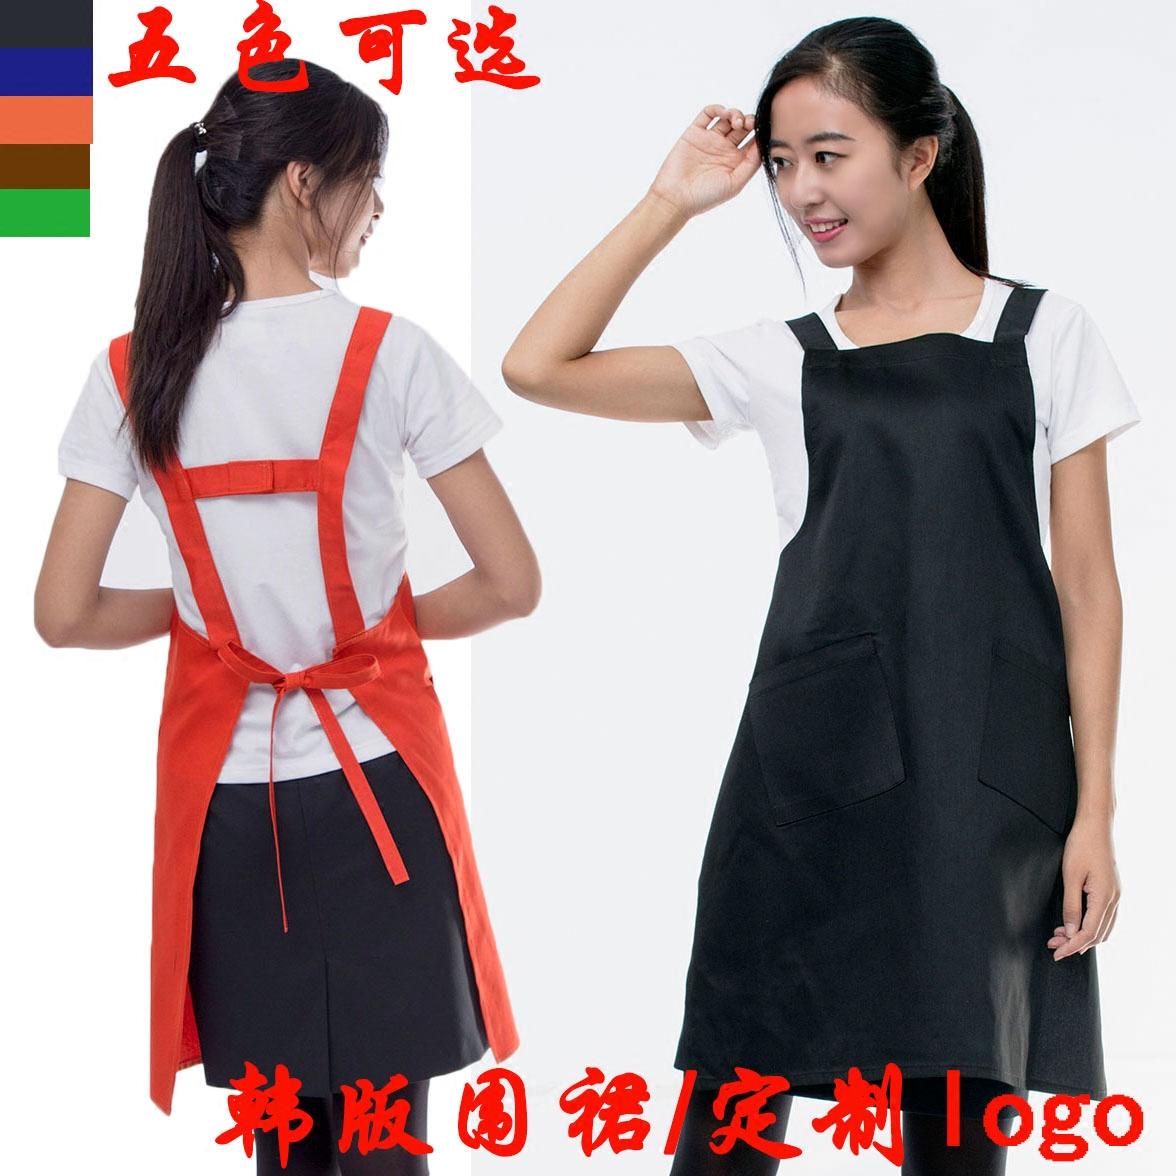 韩版时尚围裙咖啡奶茶店厨房围裙美甲围腰挂脖家居包邮服务员防污